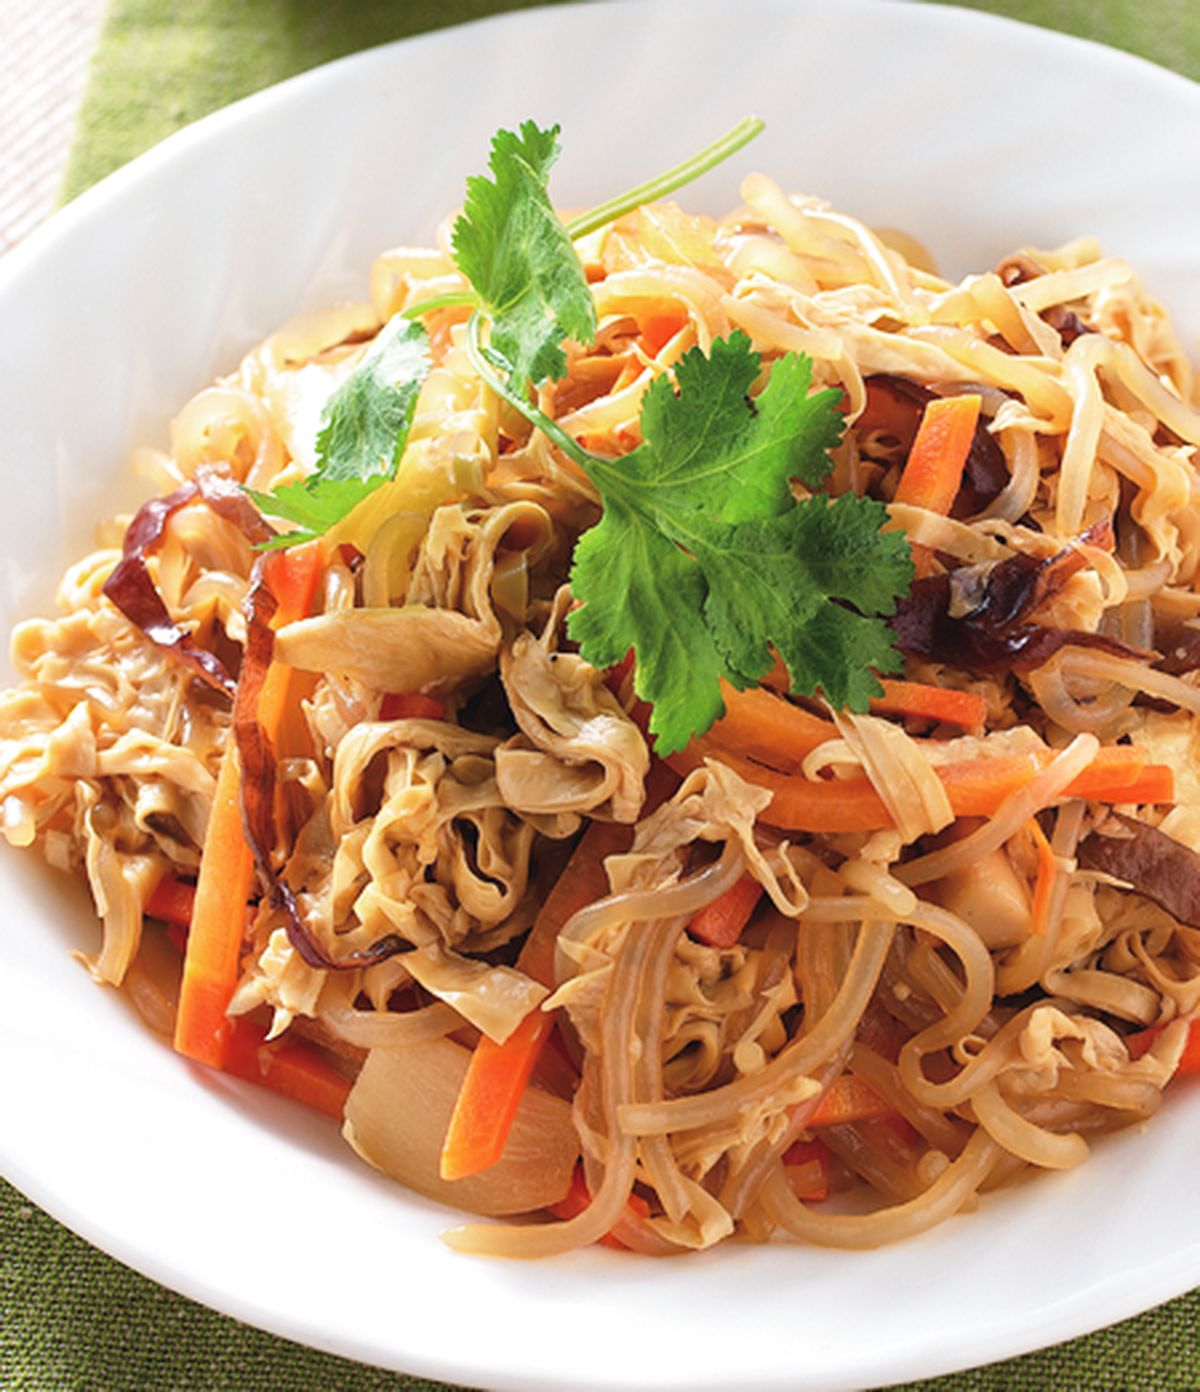 食譜:炒什錦素菜